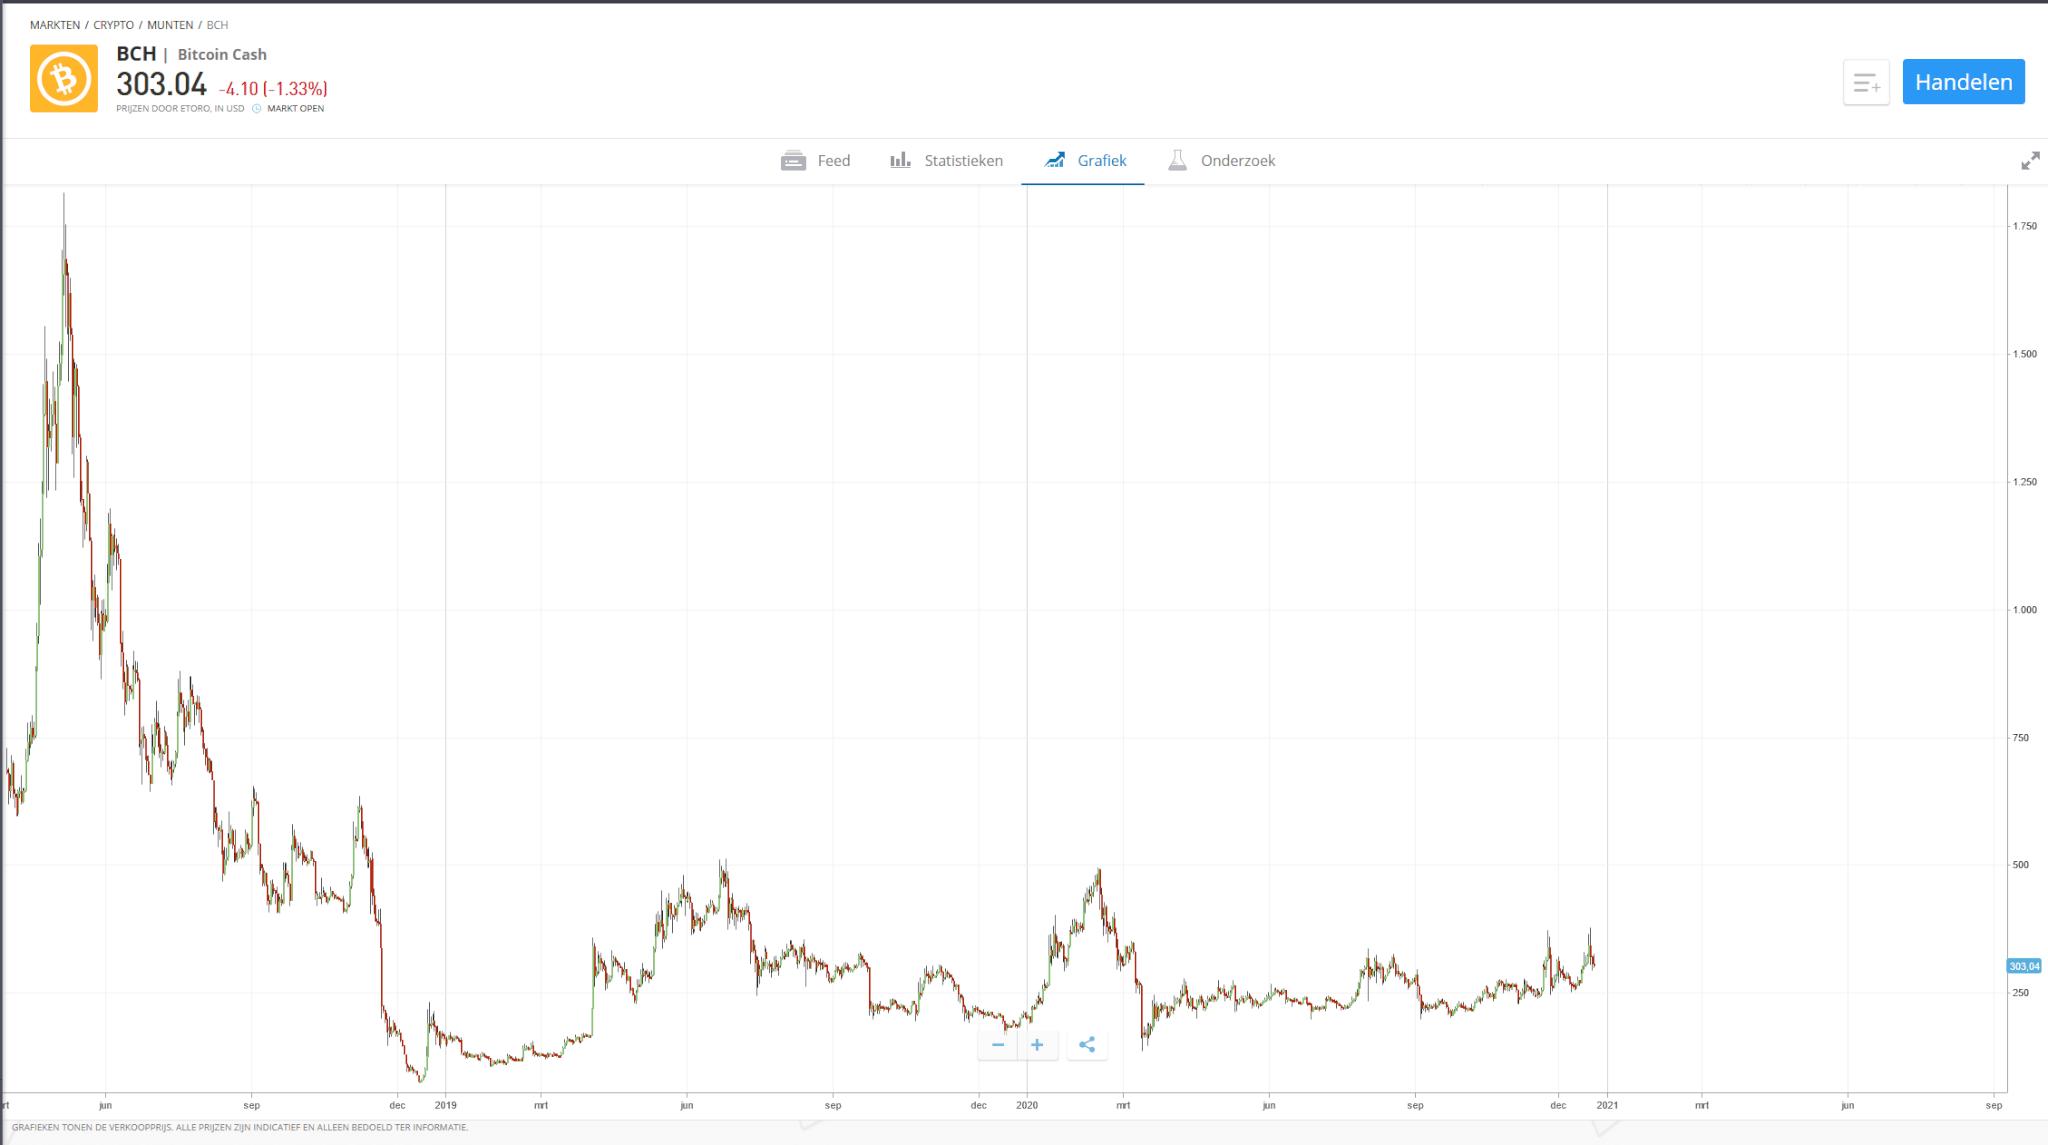 Bitcoin Cash koers verloop